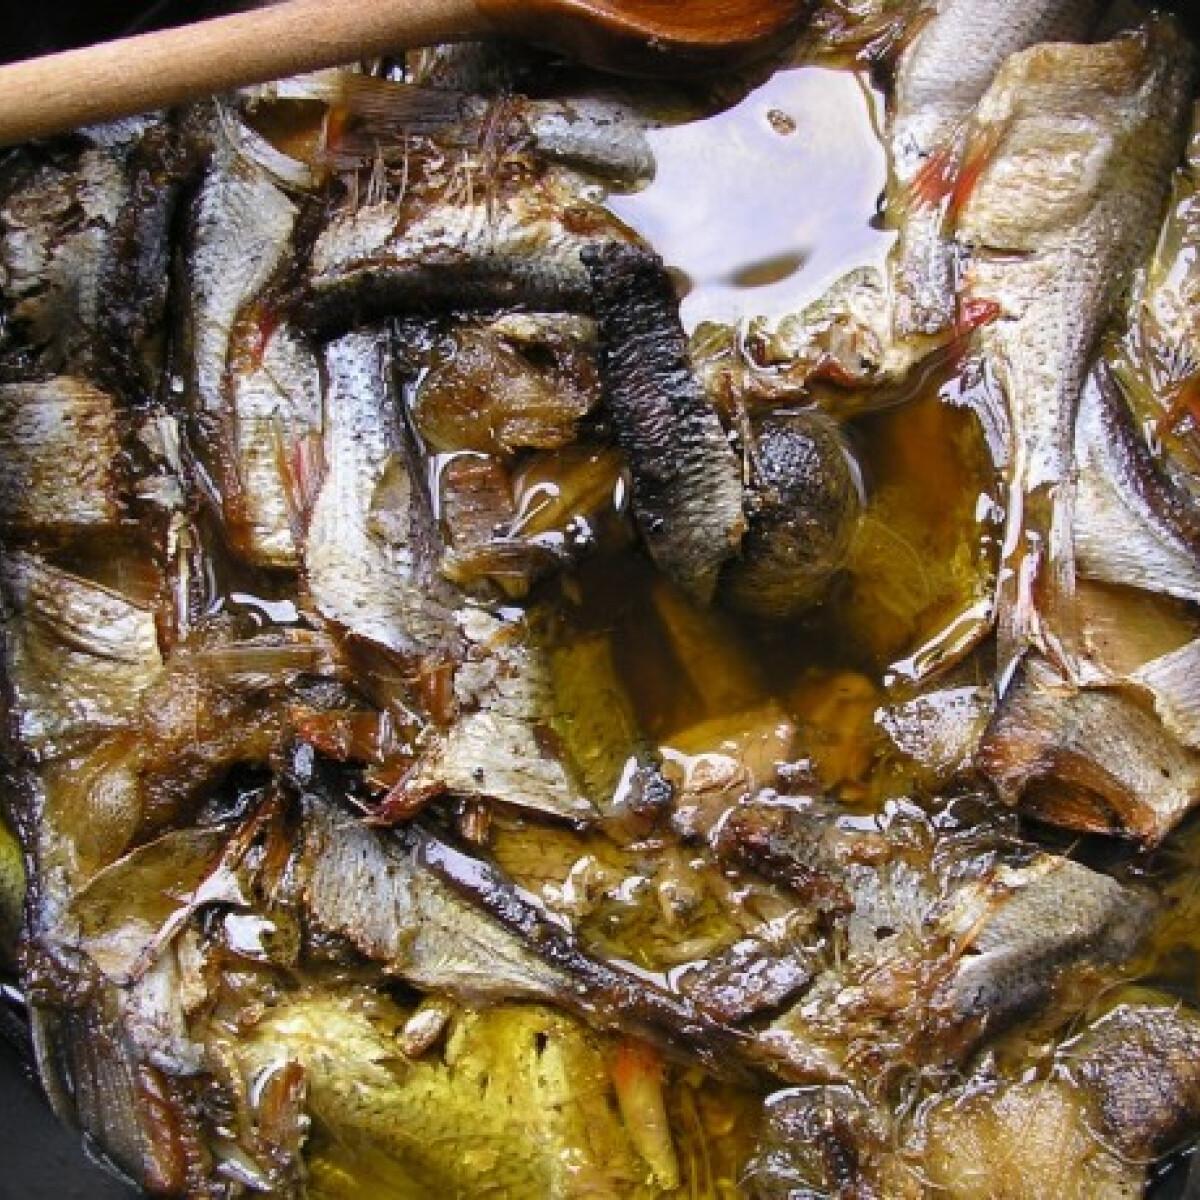 Olajos hal házilag